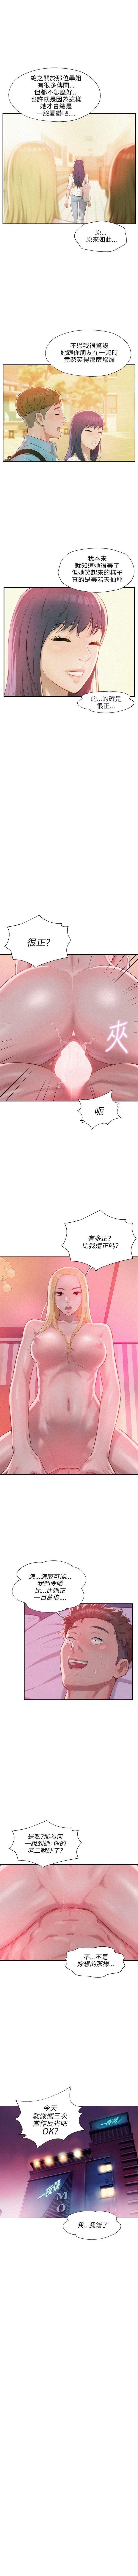 新生淫乱日记 1-61完结(中文) 149